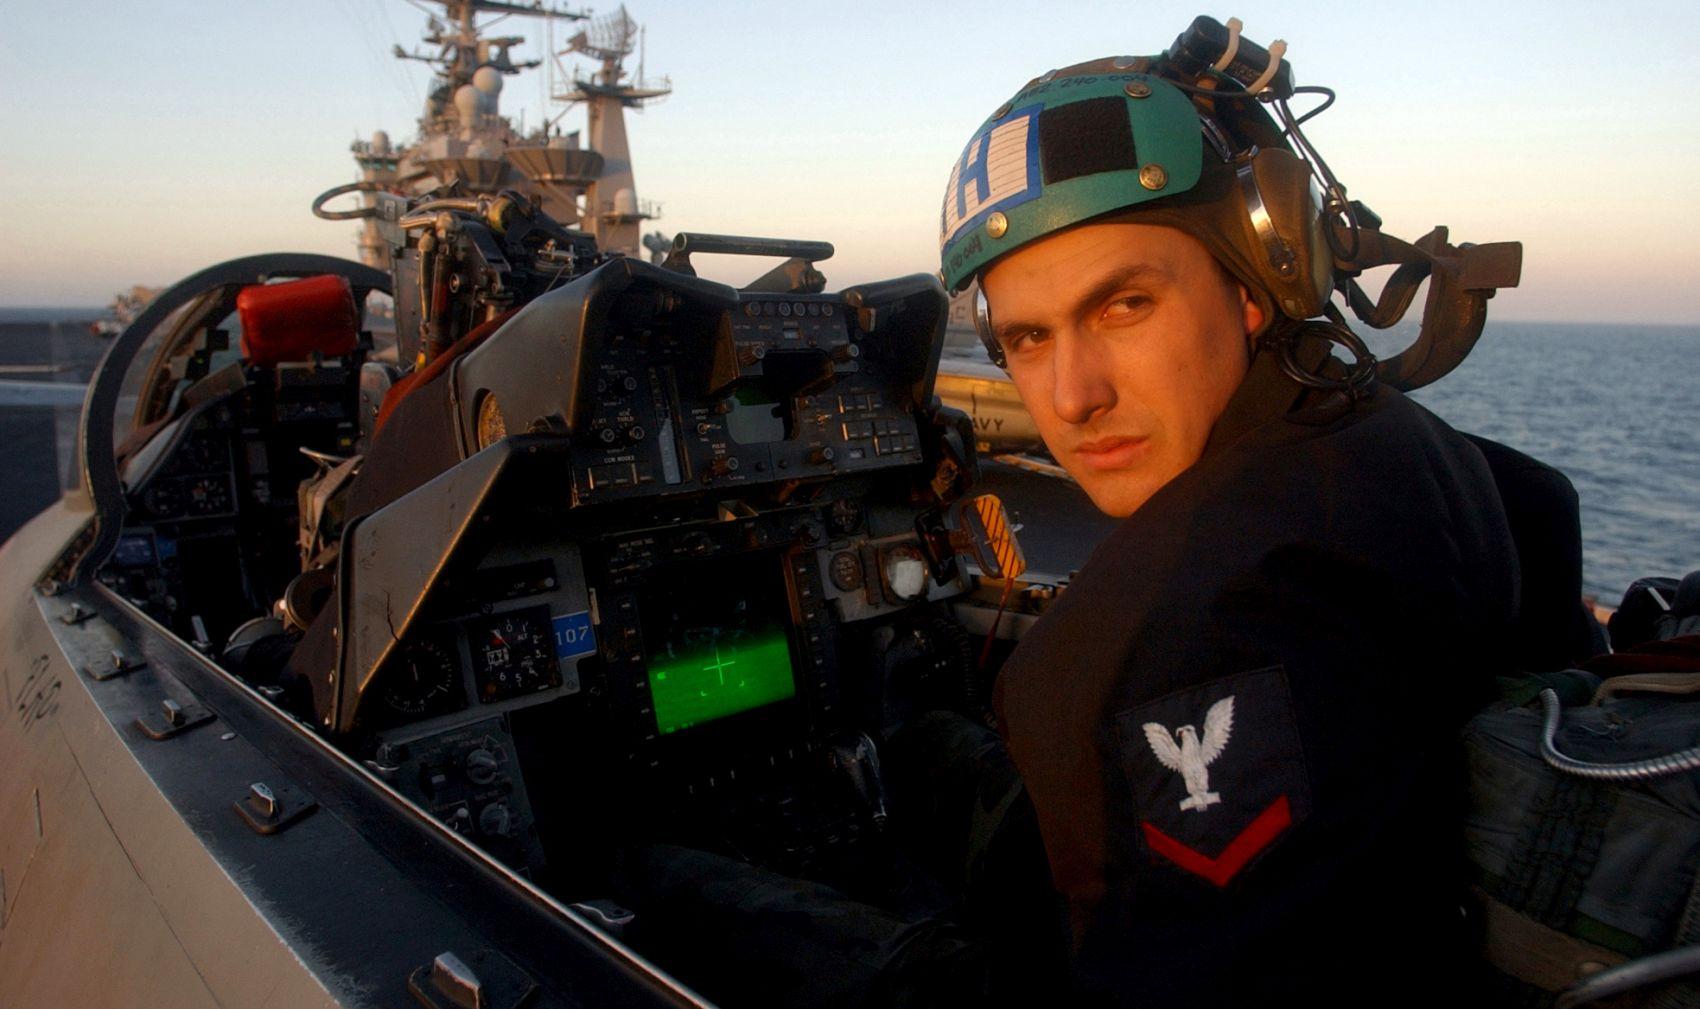 Mechanik sprawdza działanie zasobnika LANTIRN w kabinie F-14B na pokładzie USS Harry S. Truman (CVN 75) (fot. US Navy / Photographer's Mate Airman Ricardo J. Reyes)